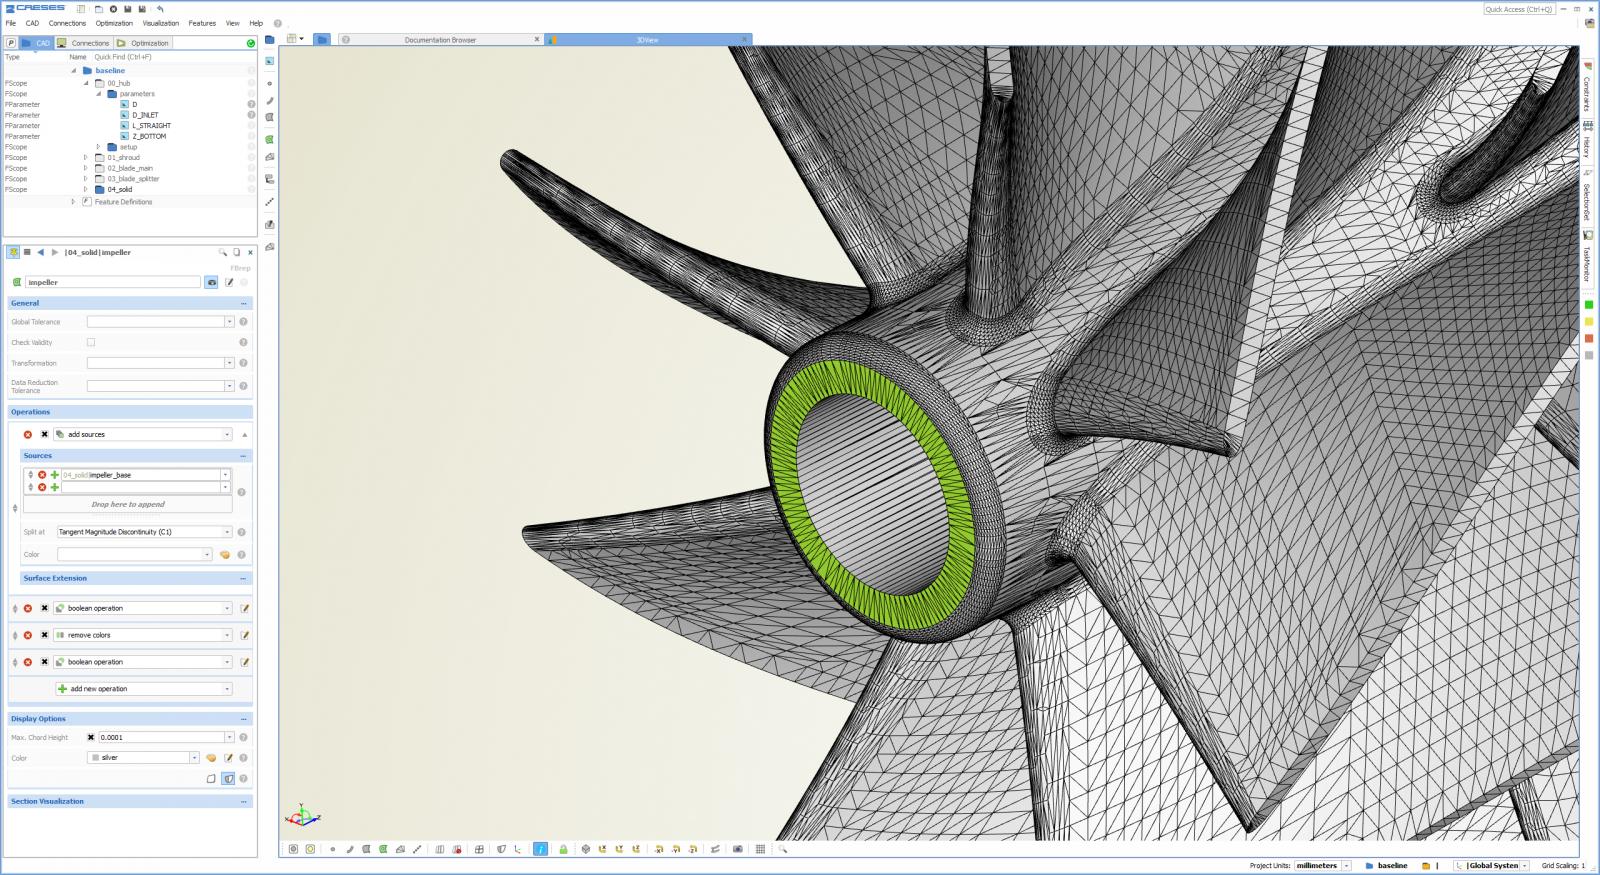 Centrifugal Fan Blades Design : Centrifugal impeller blade design general modeling